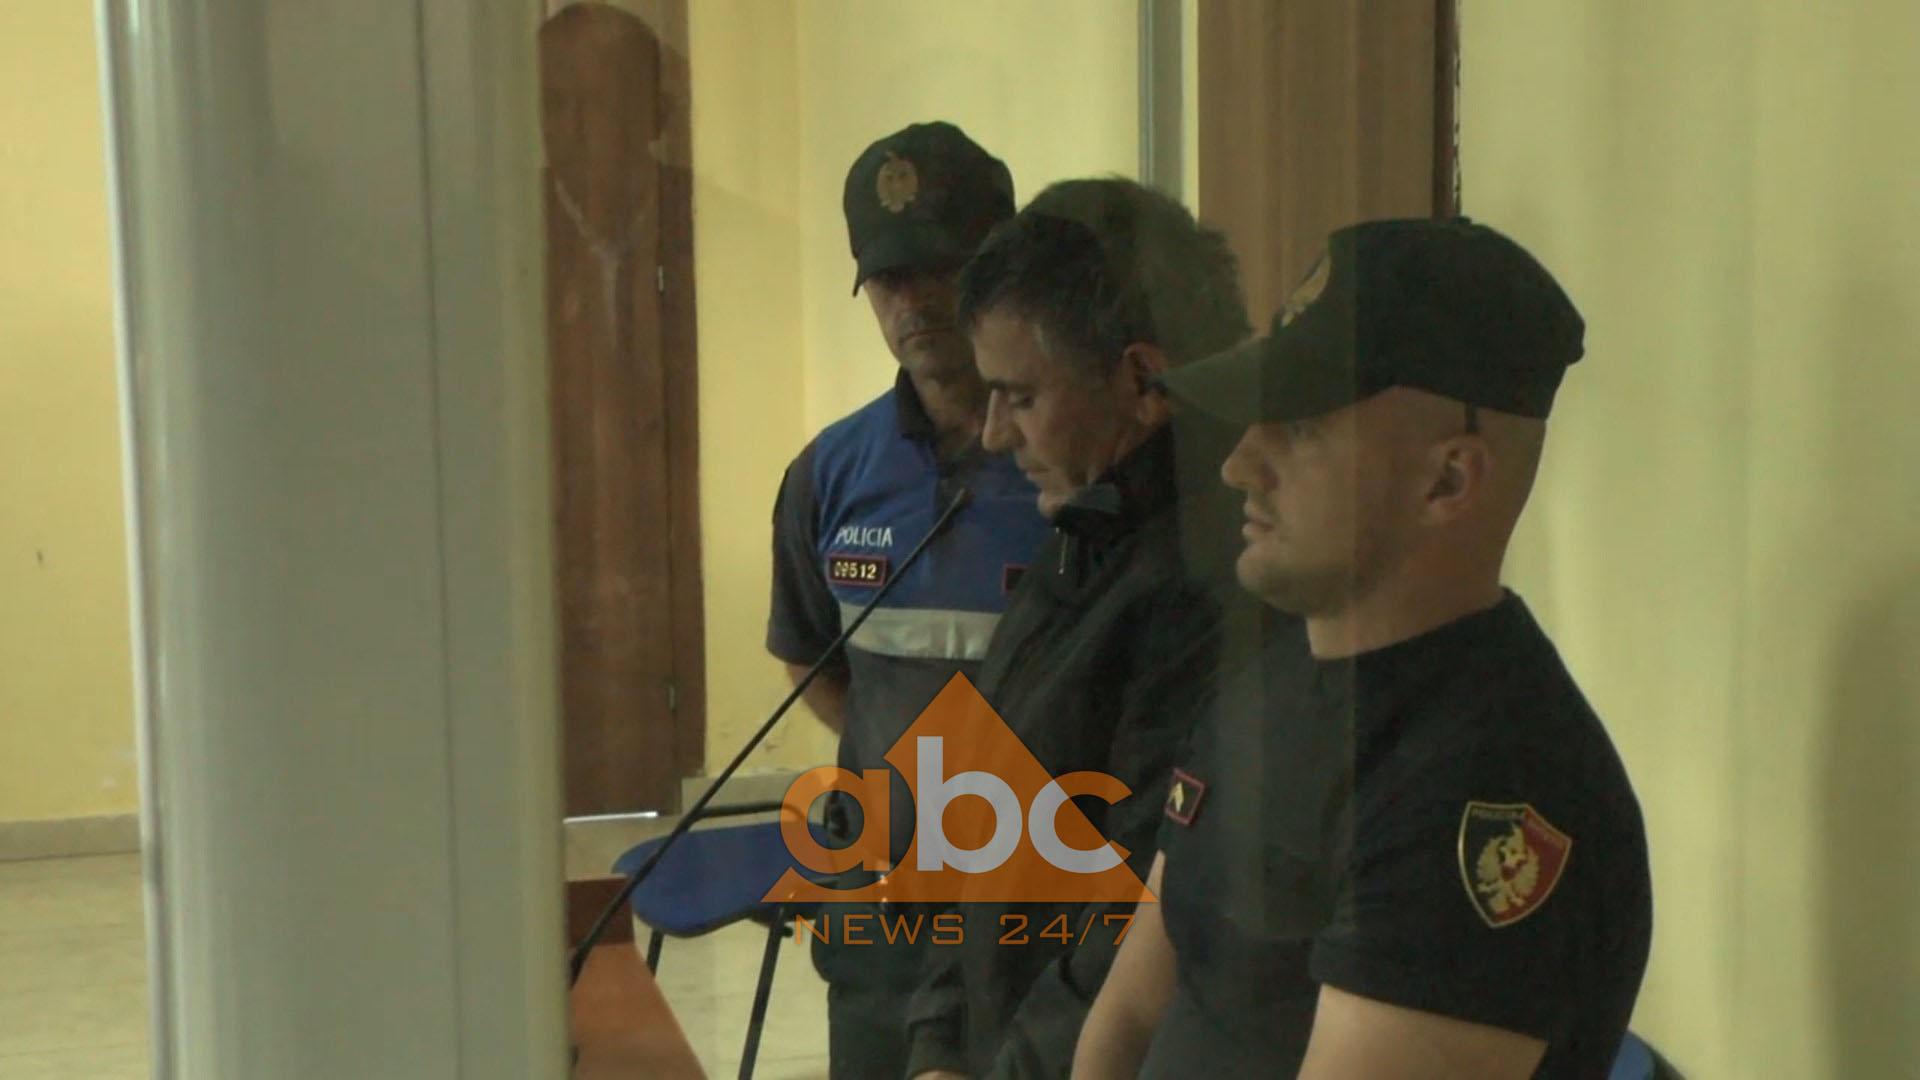 Vrasësi i trefishtë në Mat, gjykata le në burg Kujtim Koxhën